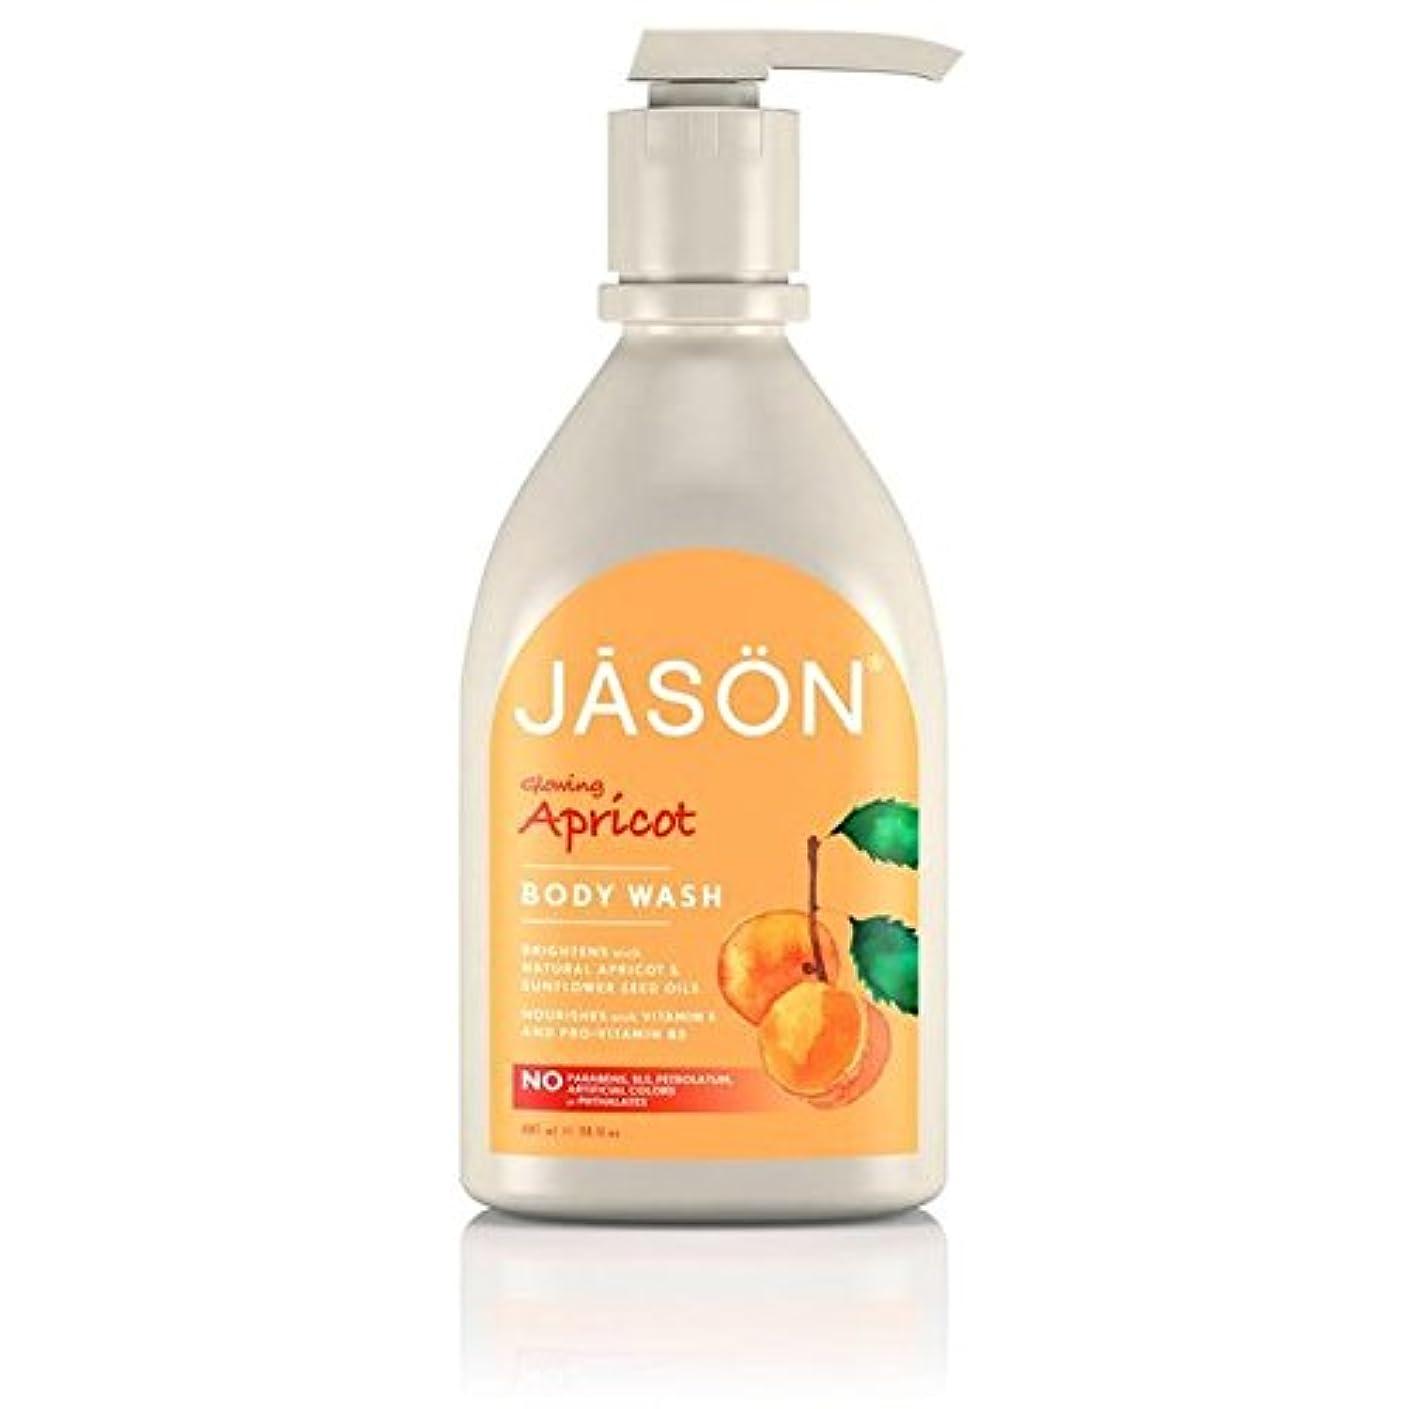 広告する楽しむ画家ジェイソン?アプリコットサテンボディウォッシュポンプ900ミリリットル x2 - Jason Apricot Satin Body Wash Pump 900ml (Pack of 2) [並行輸入品]